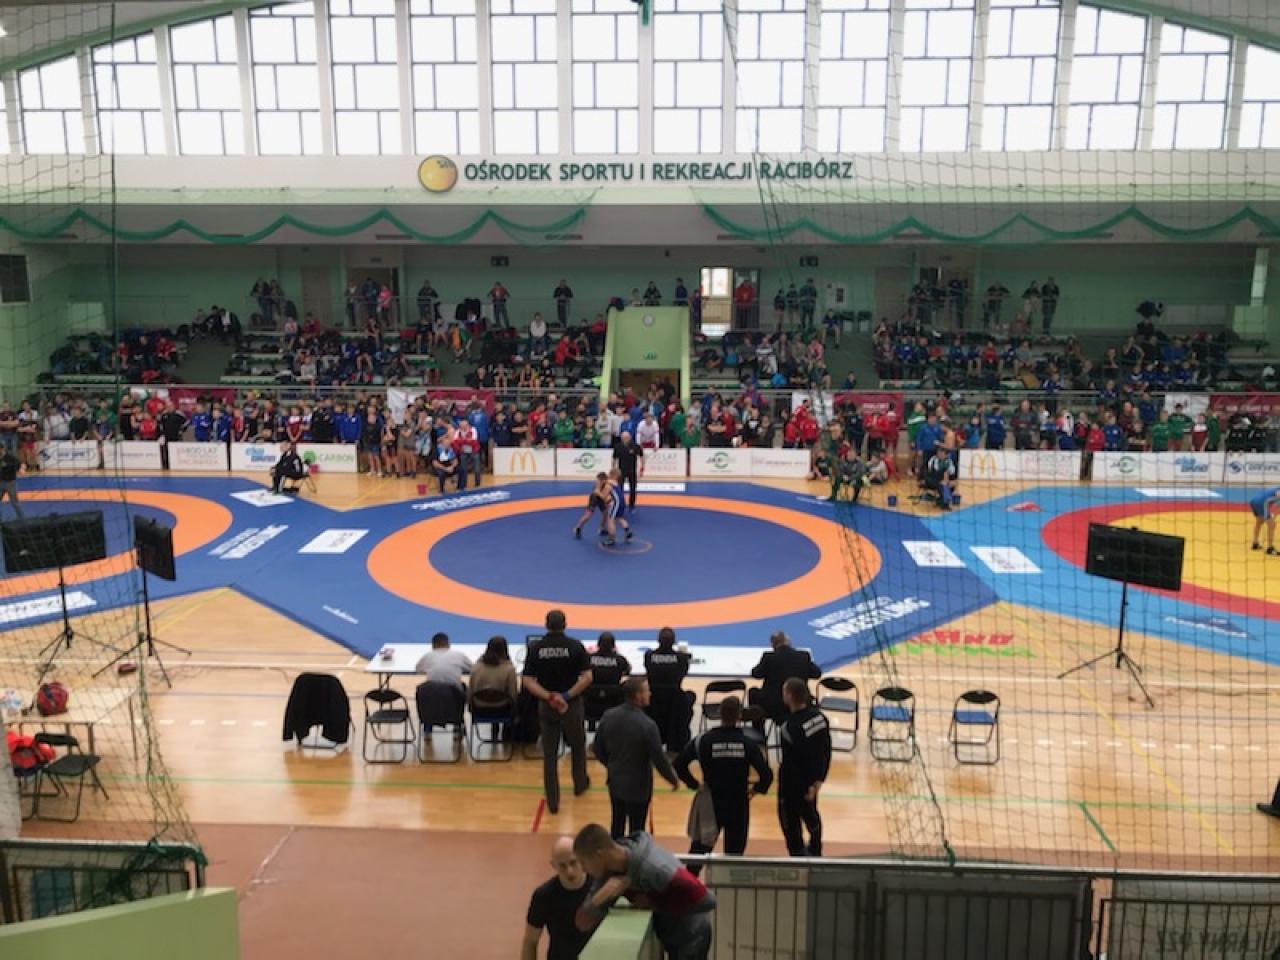 Zdjęcie główne #220 - PSH wspiera młodych sportowców i inicjatywy społeczne